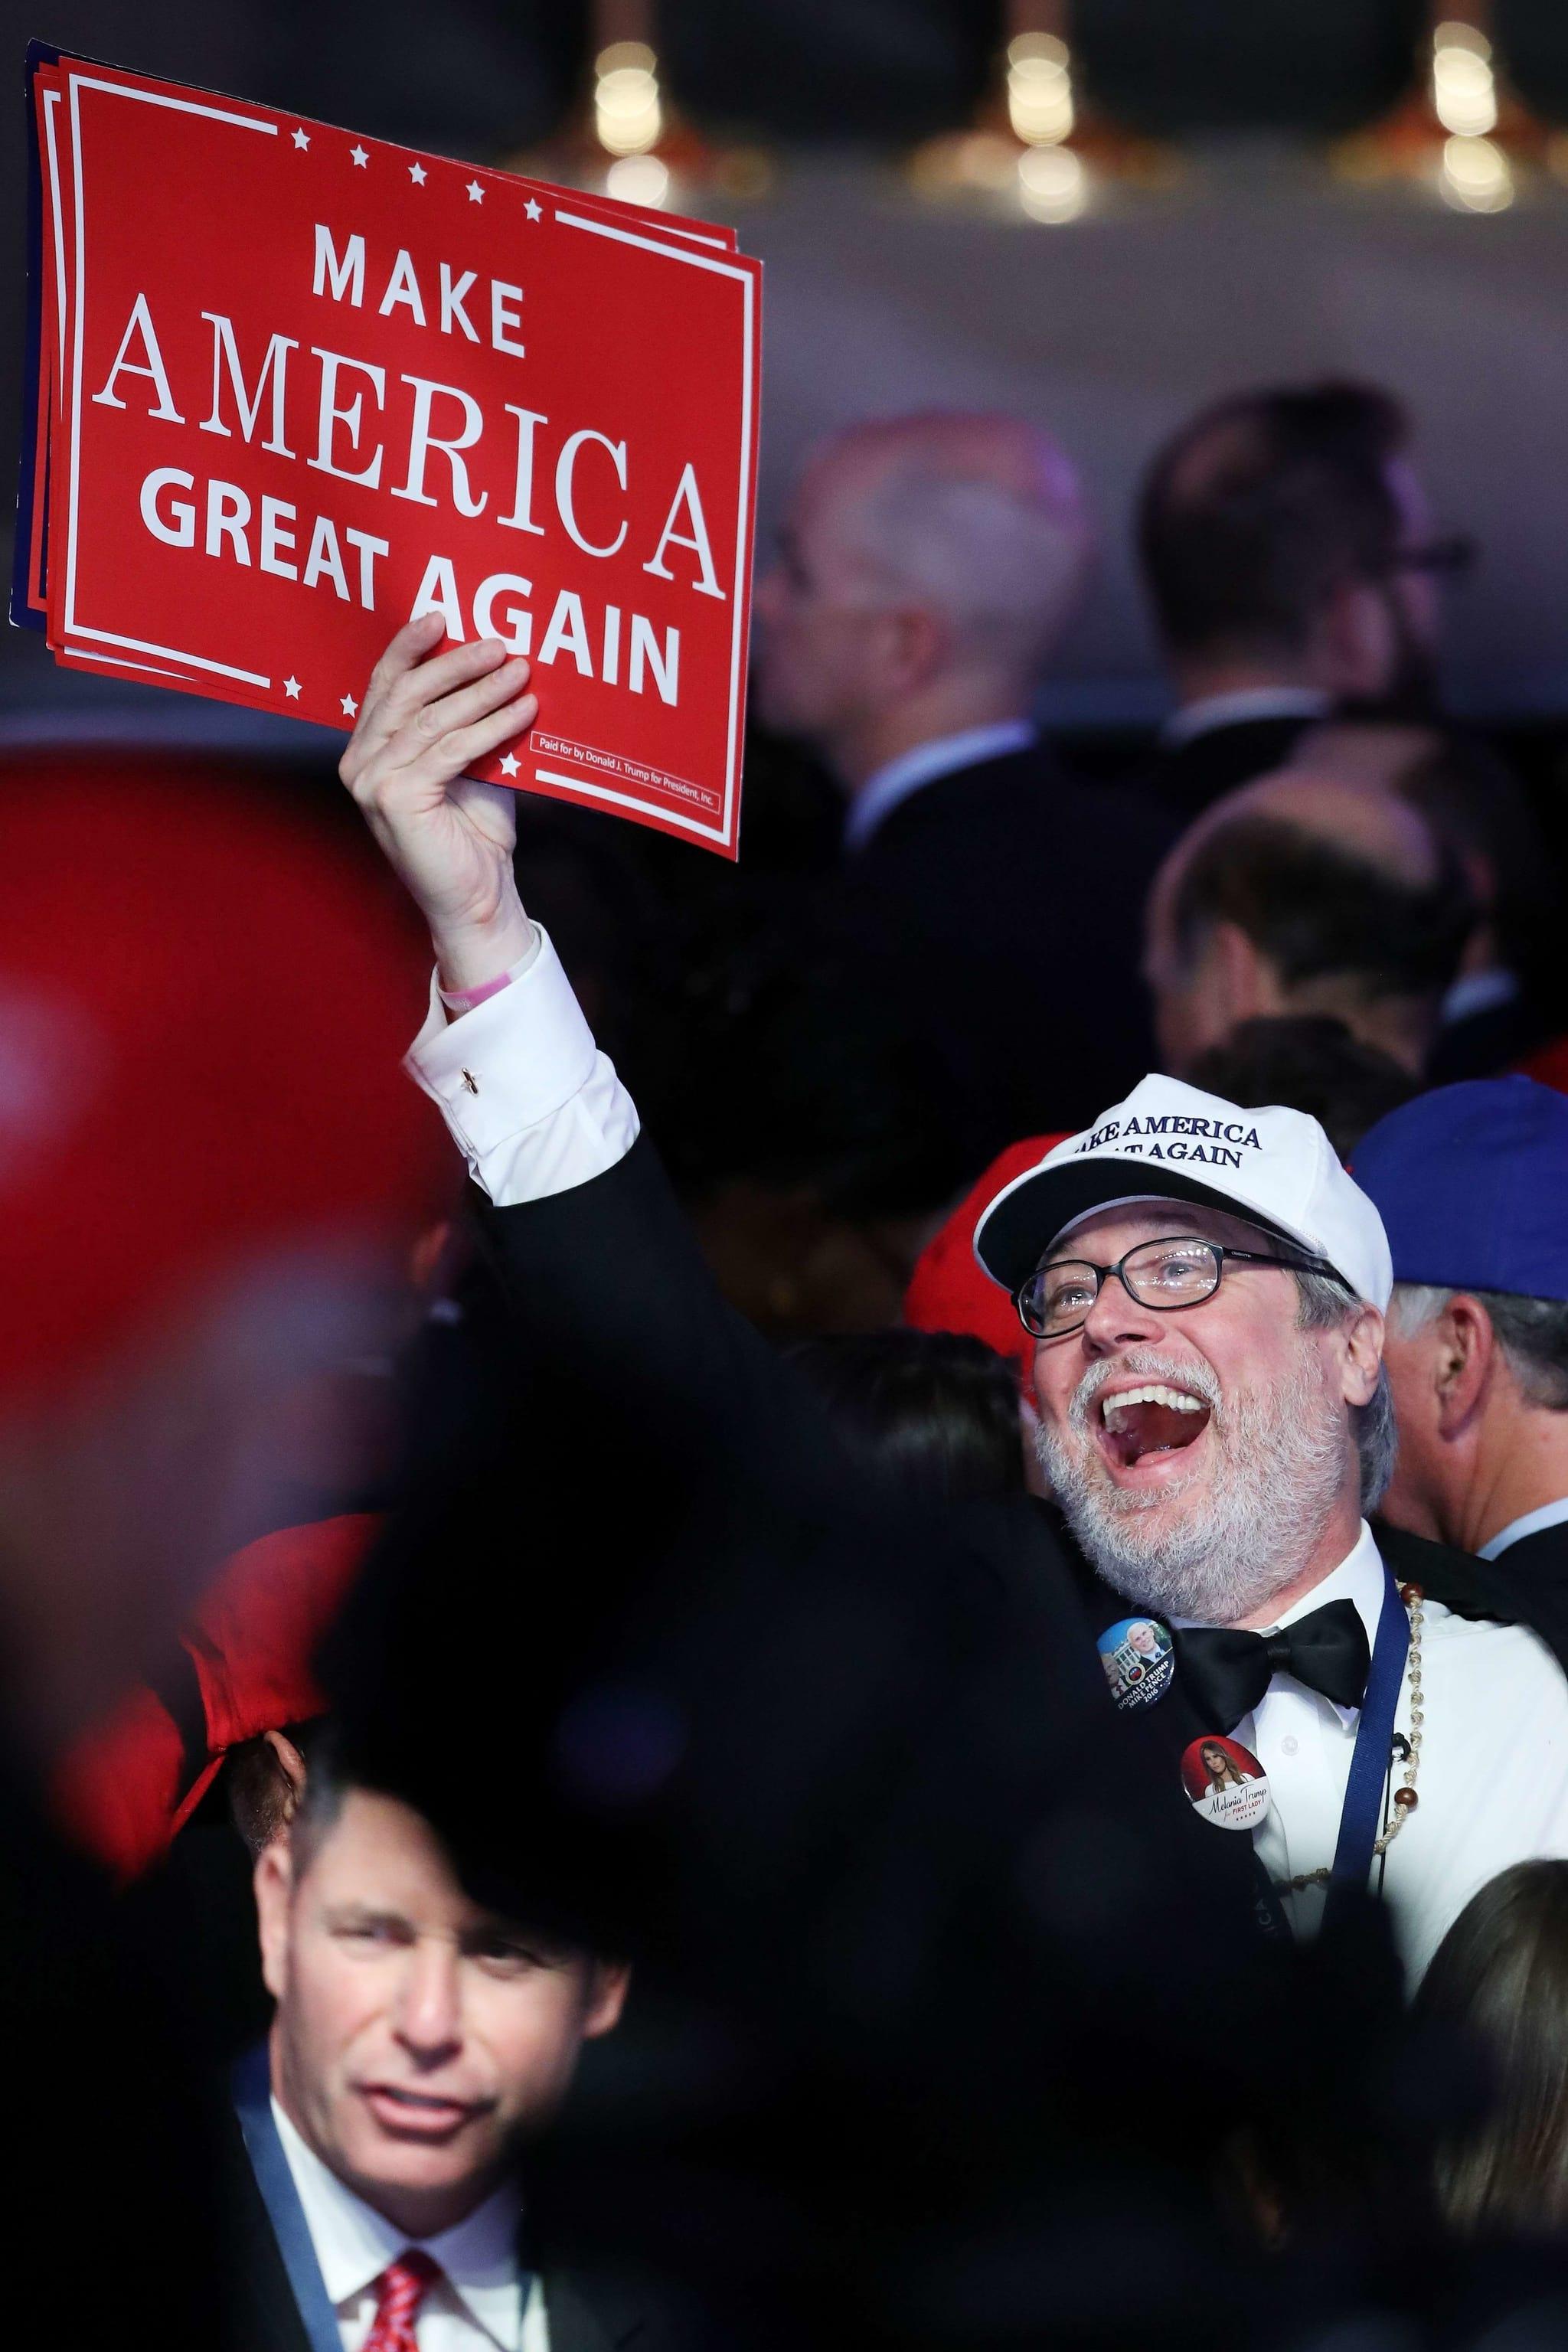 Os media não quiseram acreditar na vitória de Donald Trump